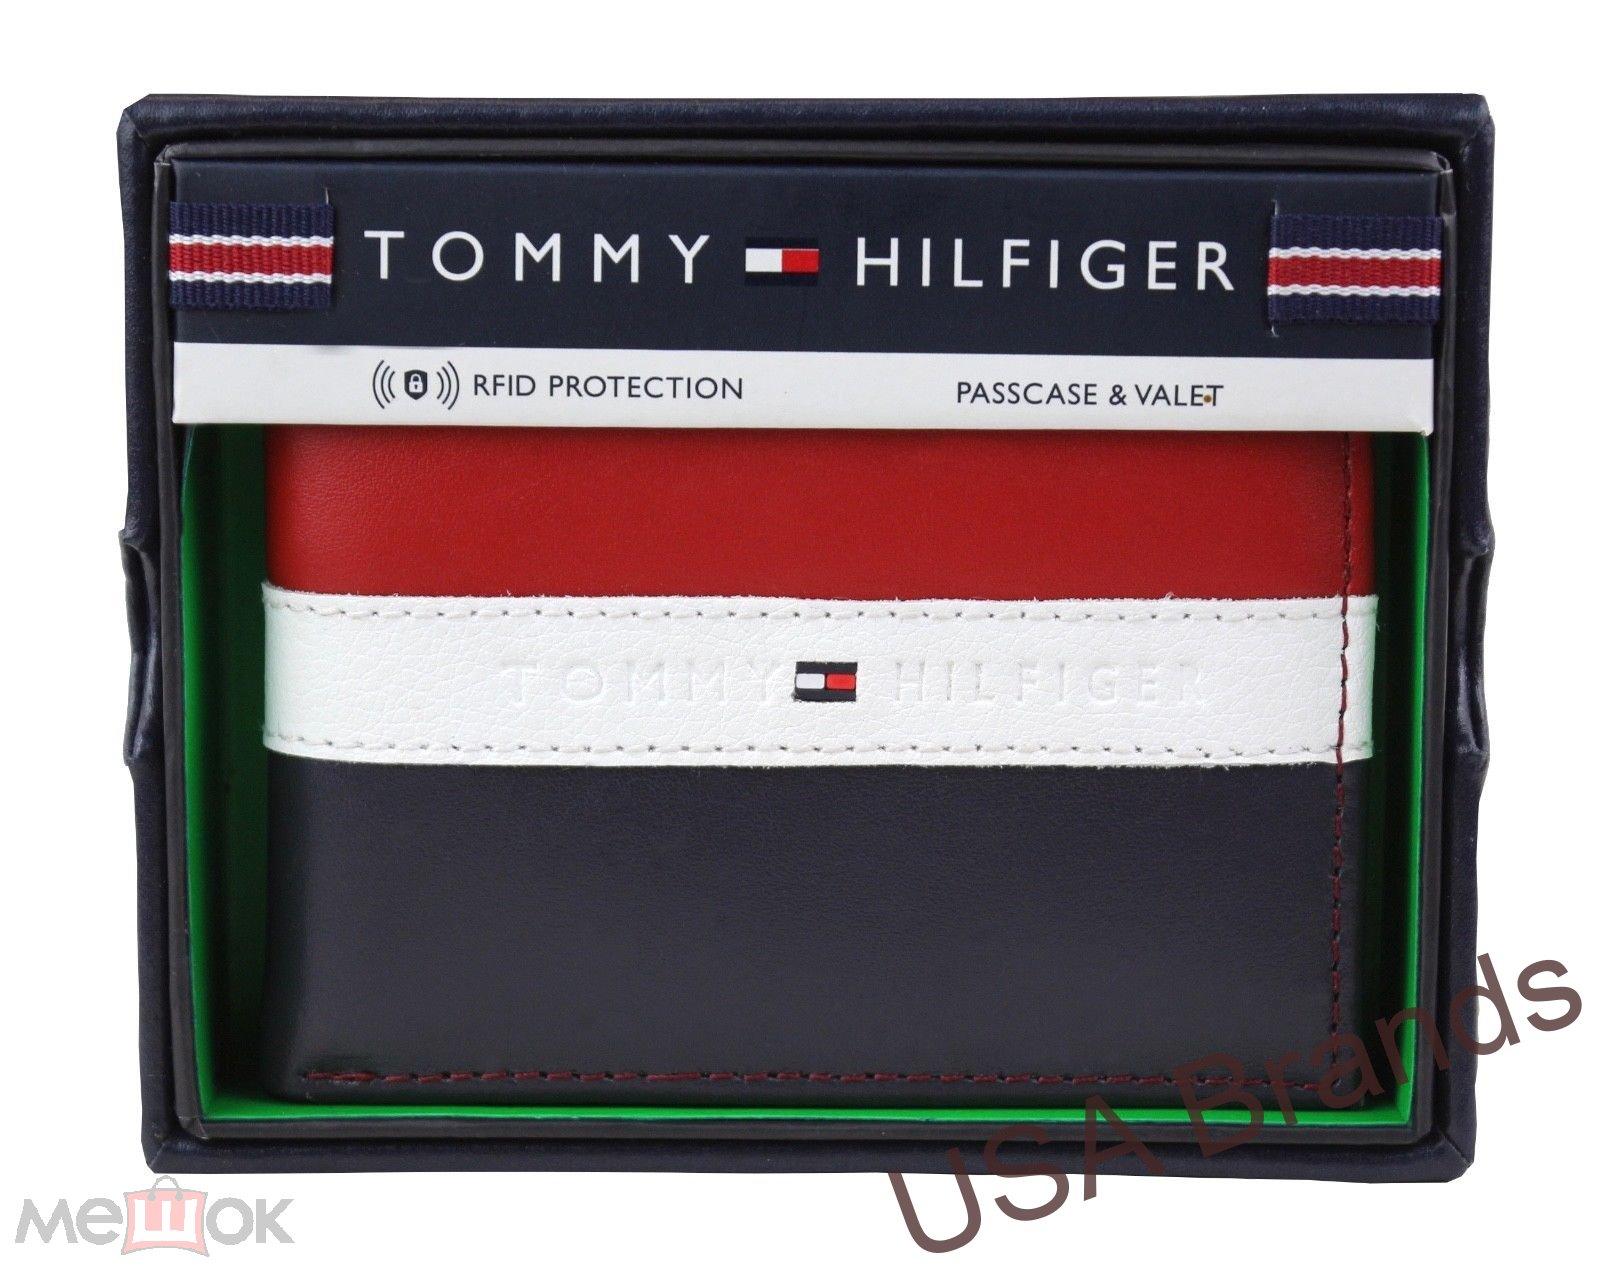 10f52e26cd86 Портмоне TOMMY HILFIGER оригинал новое (торги завершены #91493422)